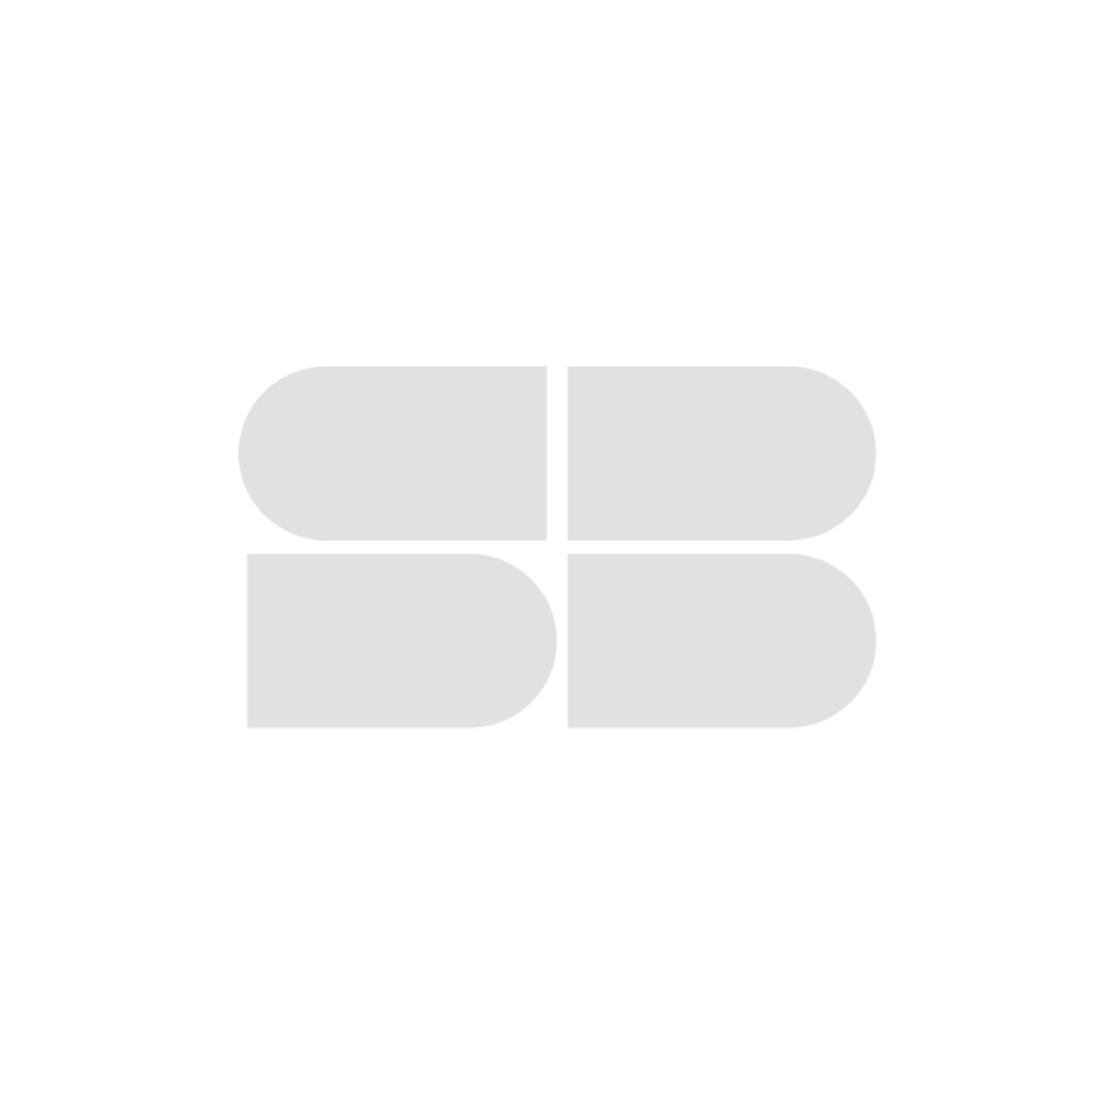 เก้าอี้ทานอาหาร เก้าอี้ไม้เบาะผ้า รุ่น Moonie สีสีดำ-SB Design Square